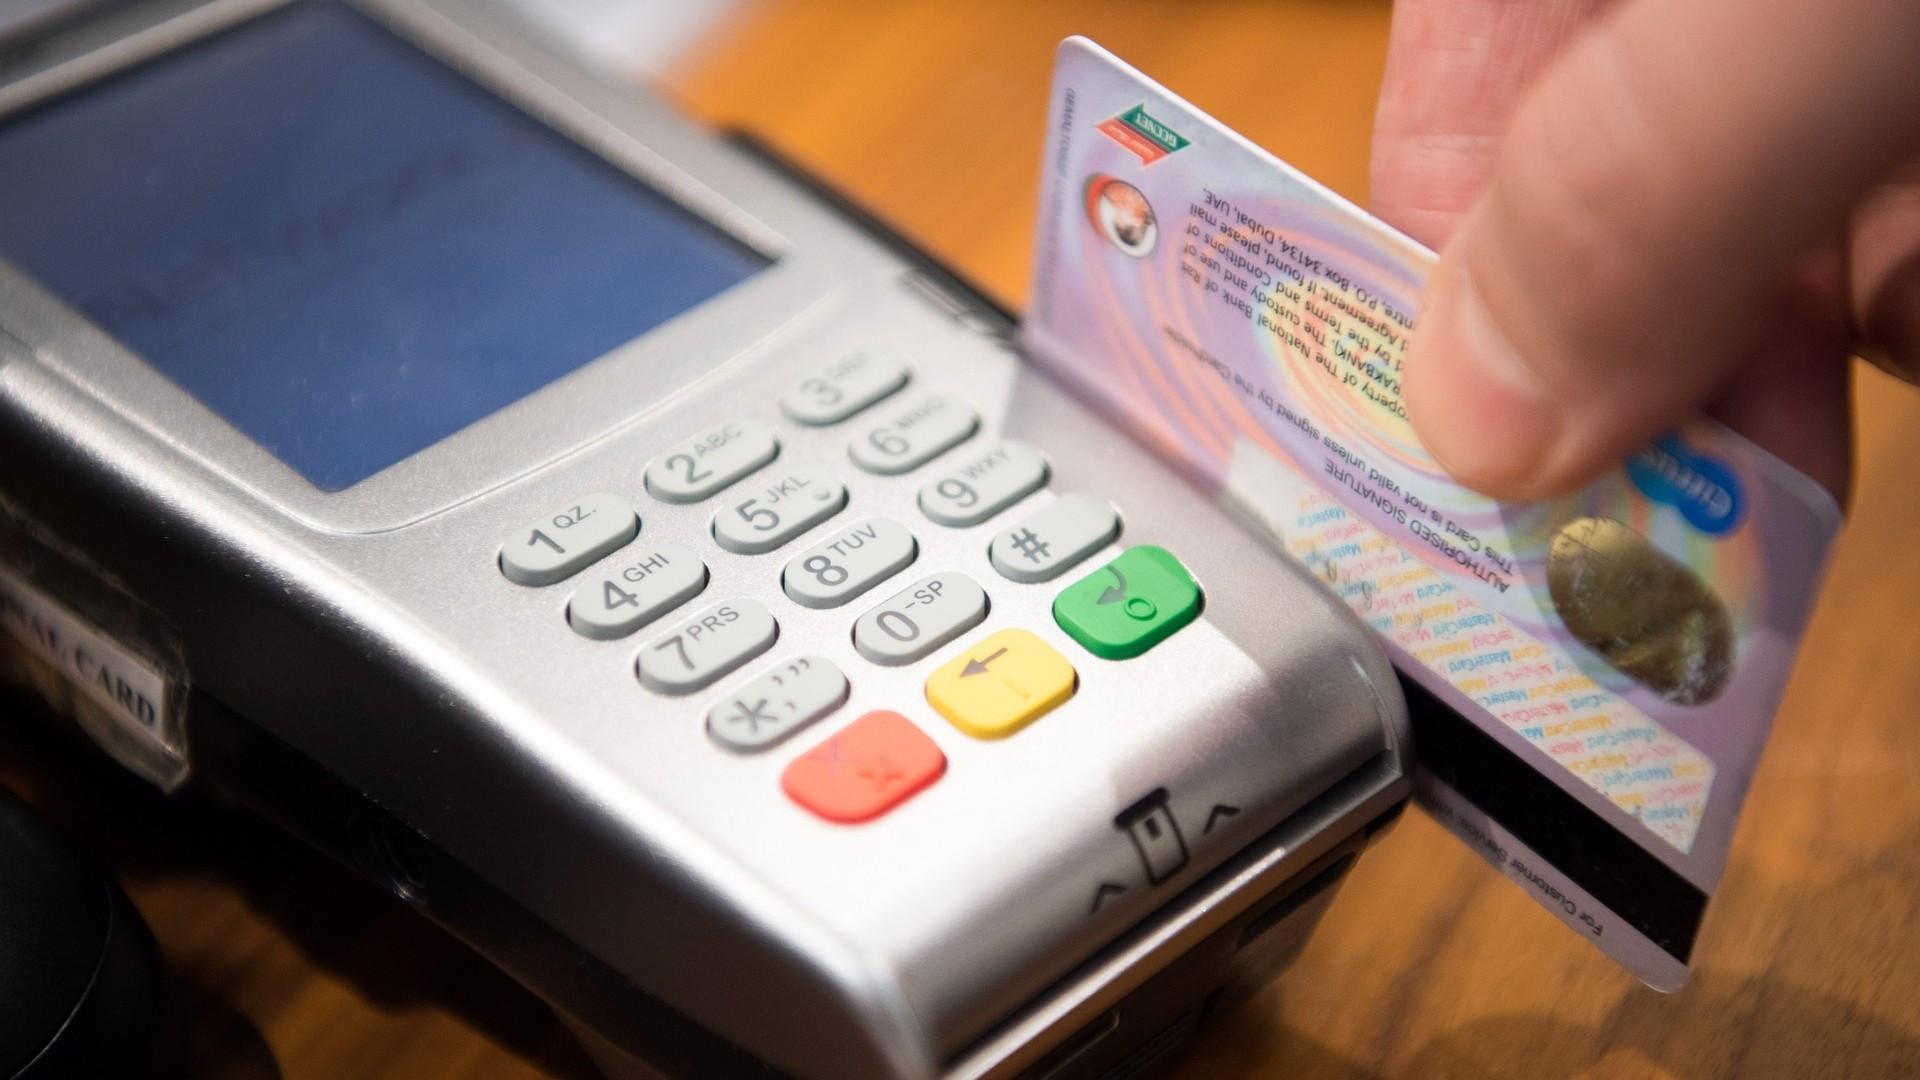 ▲▼刷卡,嗶卡,刷,卡。(圖/取自免費圖庫Pixabay)